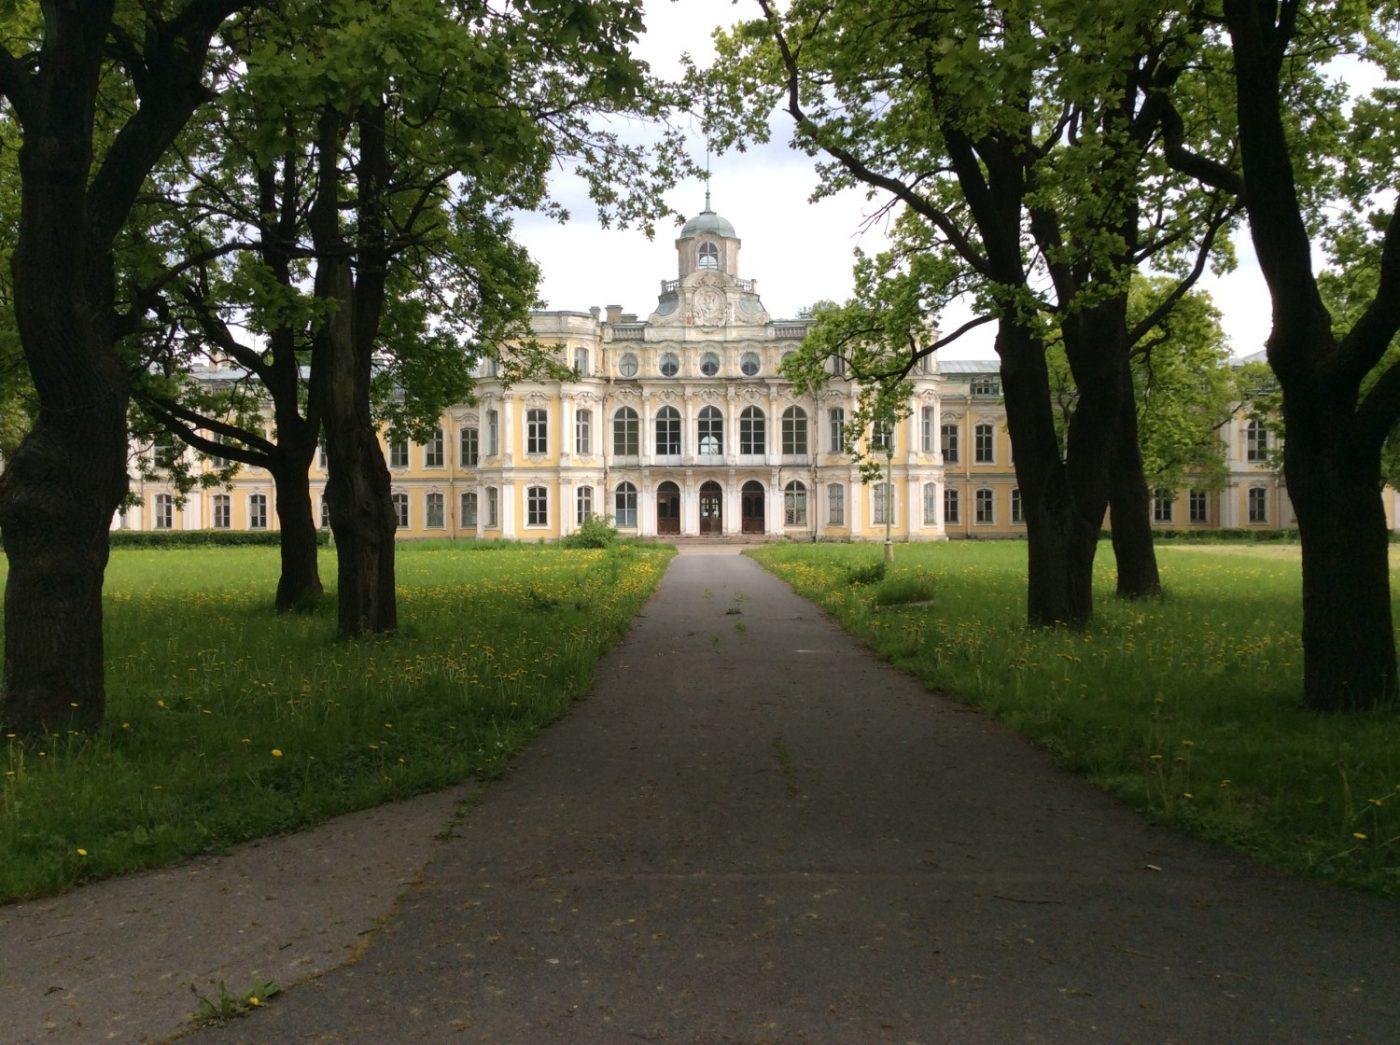 Дворец великого князя Николая Николаевича (Усадьба Знаменка). Вид с южной стороны Верхнего парка